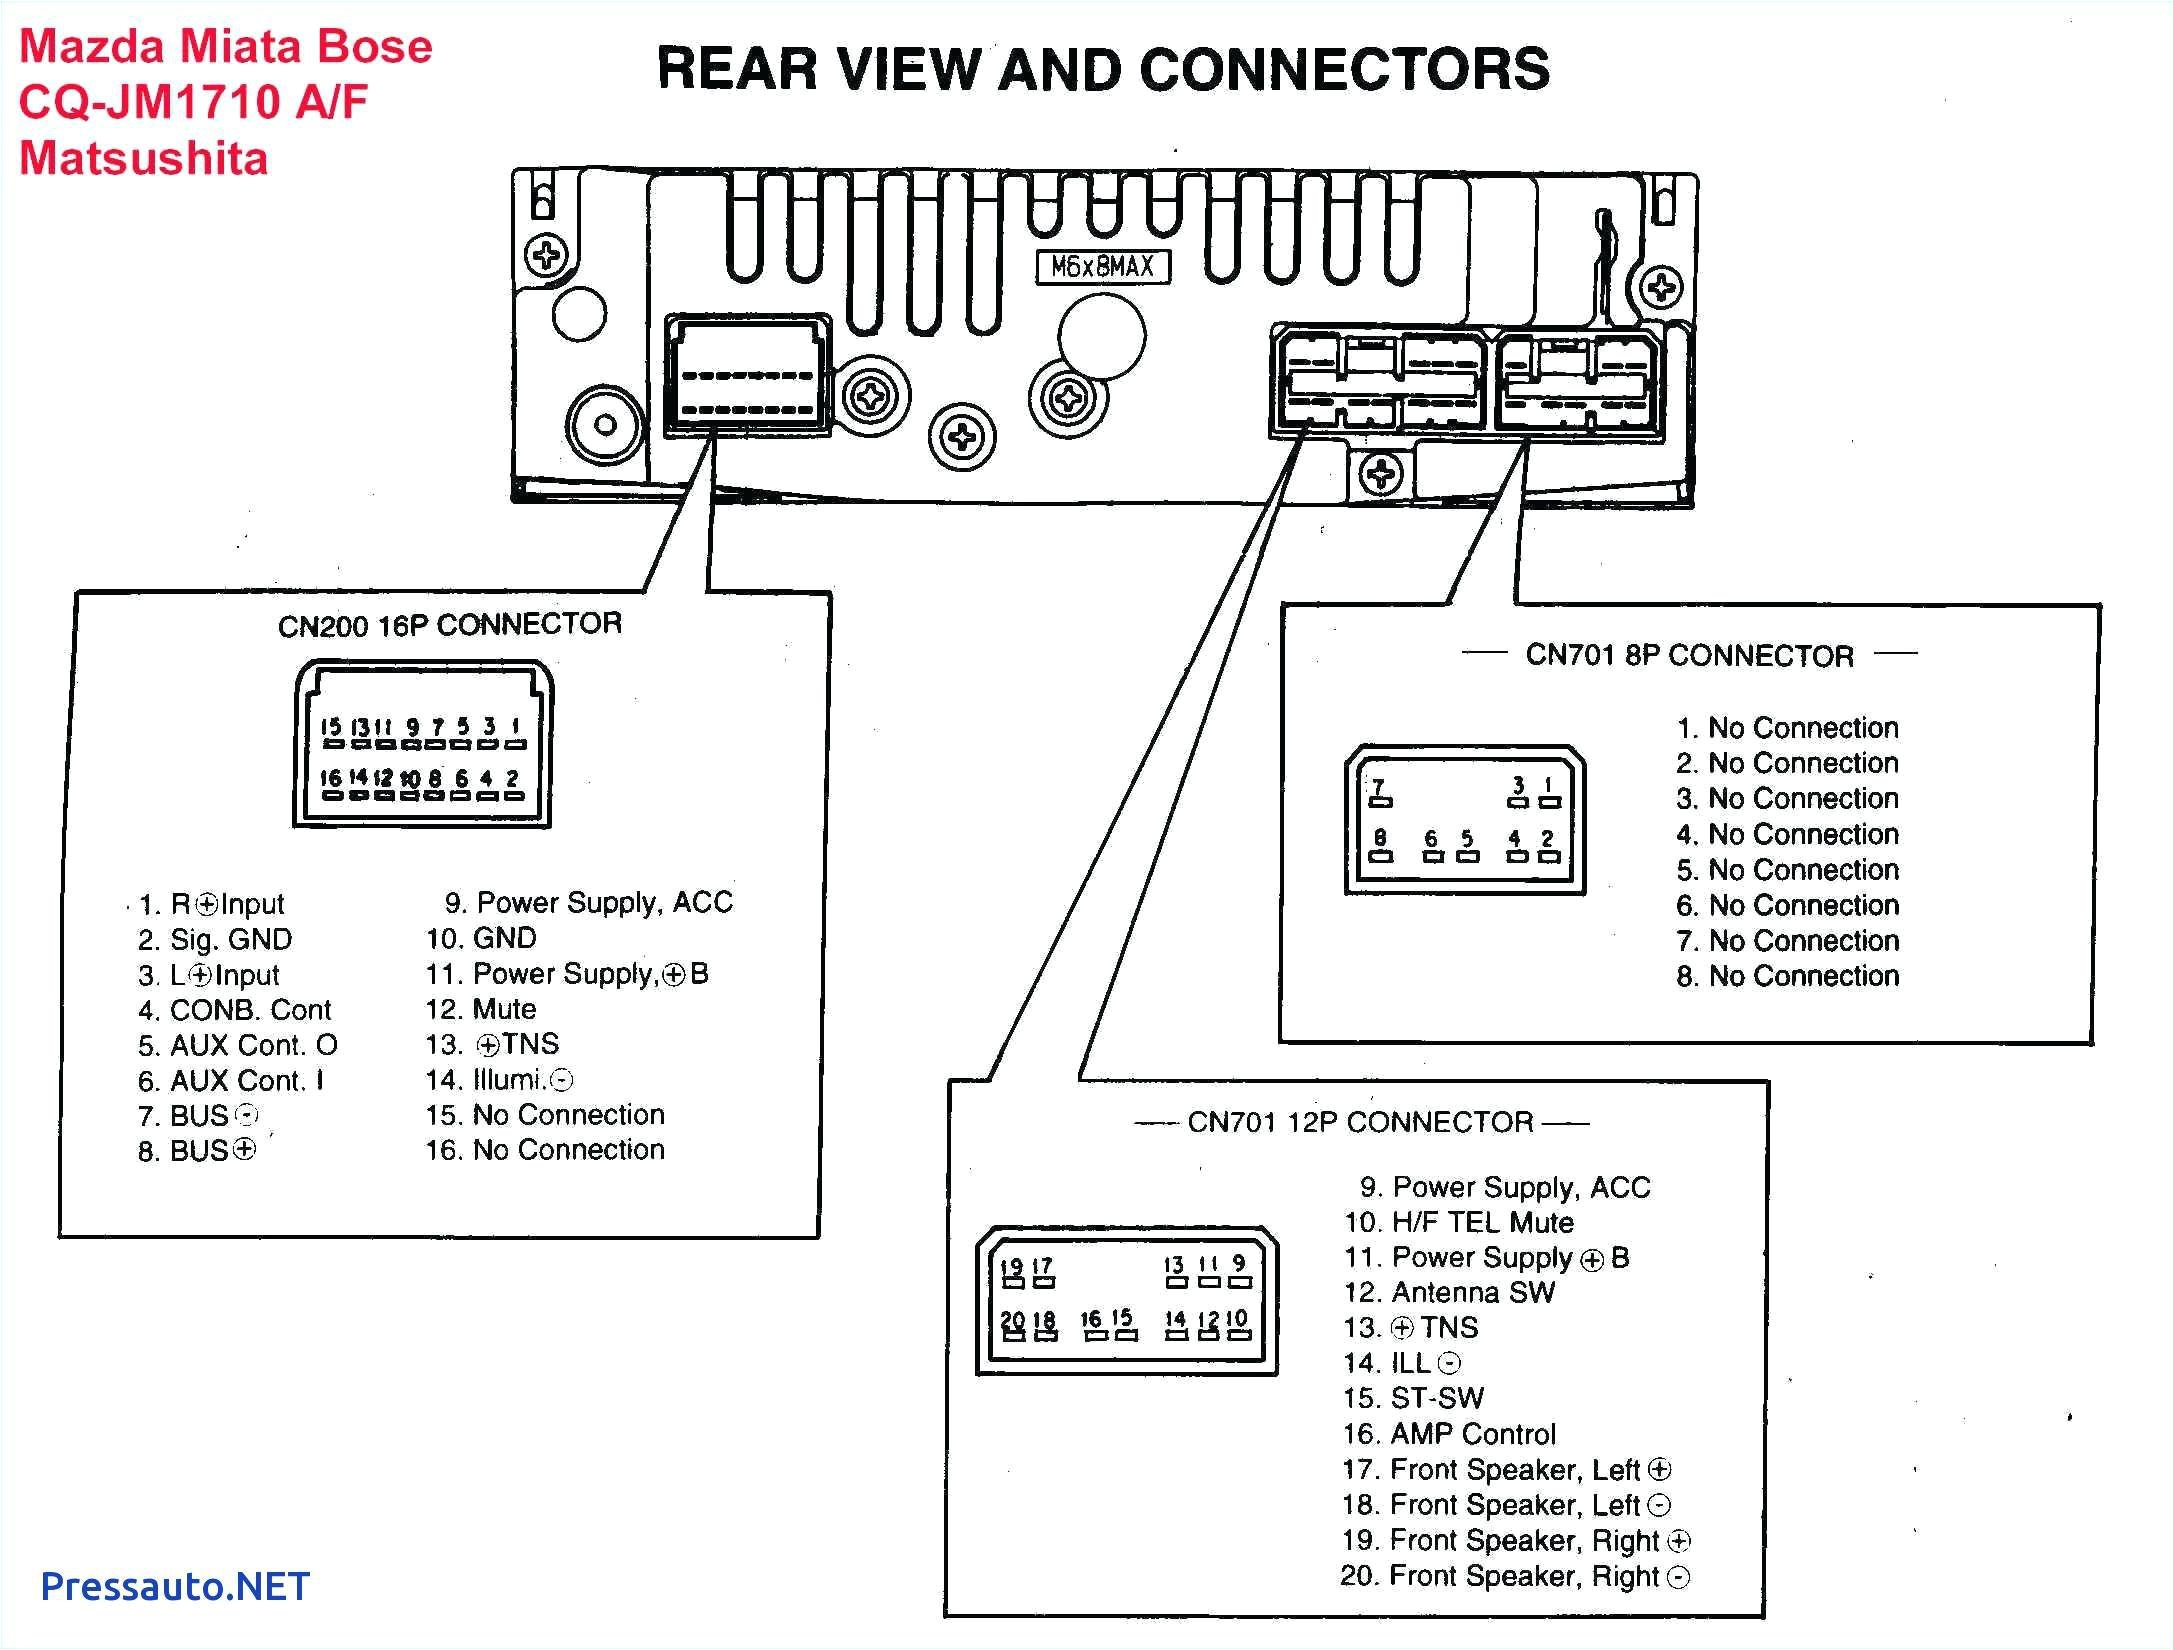 2000 nissan altima stereo wiring diagram unique nissan altima wiring diagram in addition 2000 mazda 626 fuel pump of 2000 nissan altima stereo wiring diagram jpg